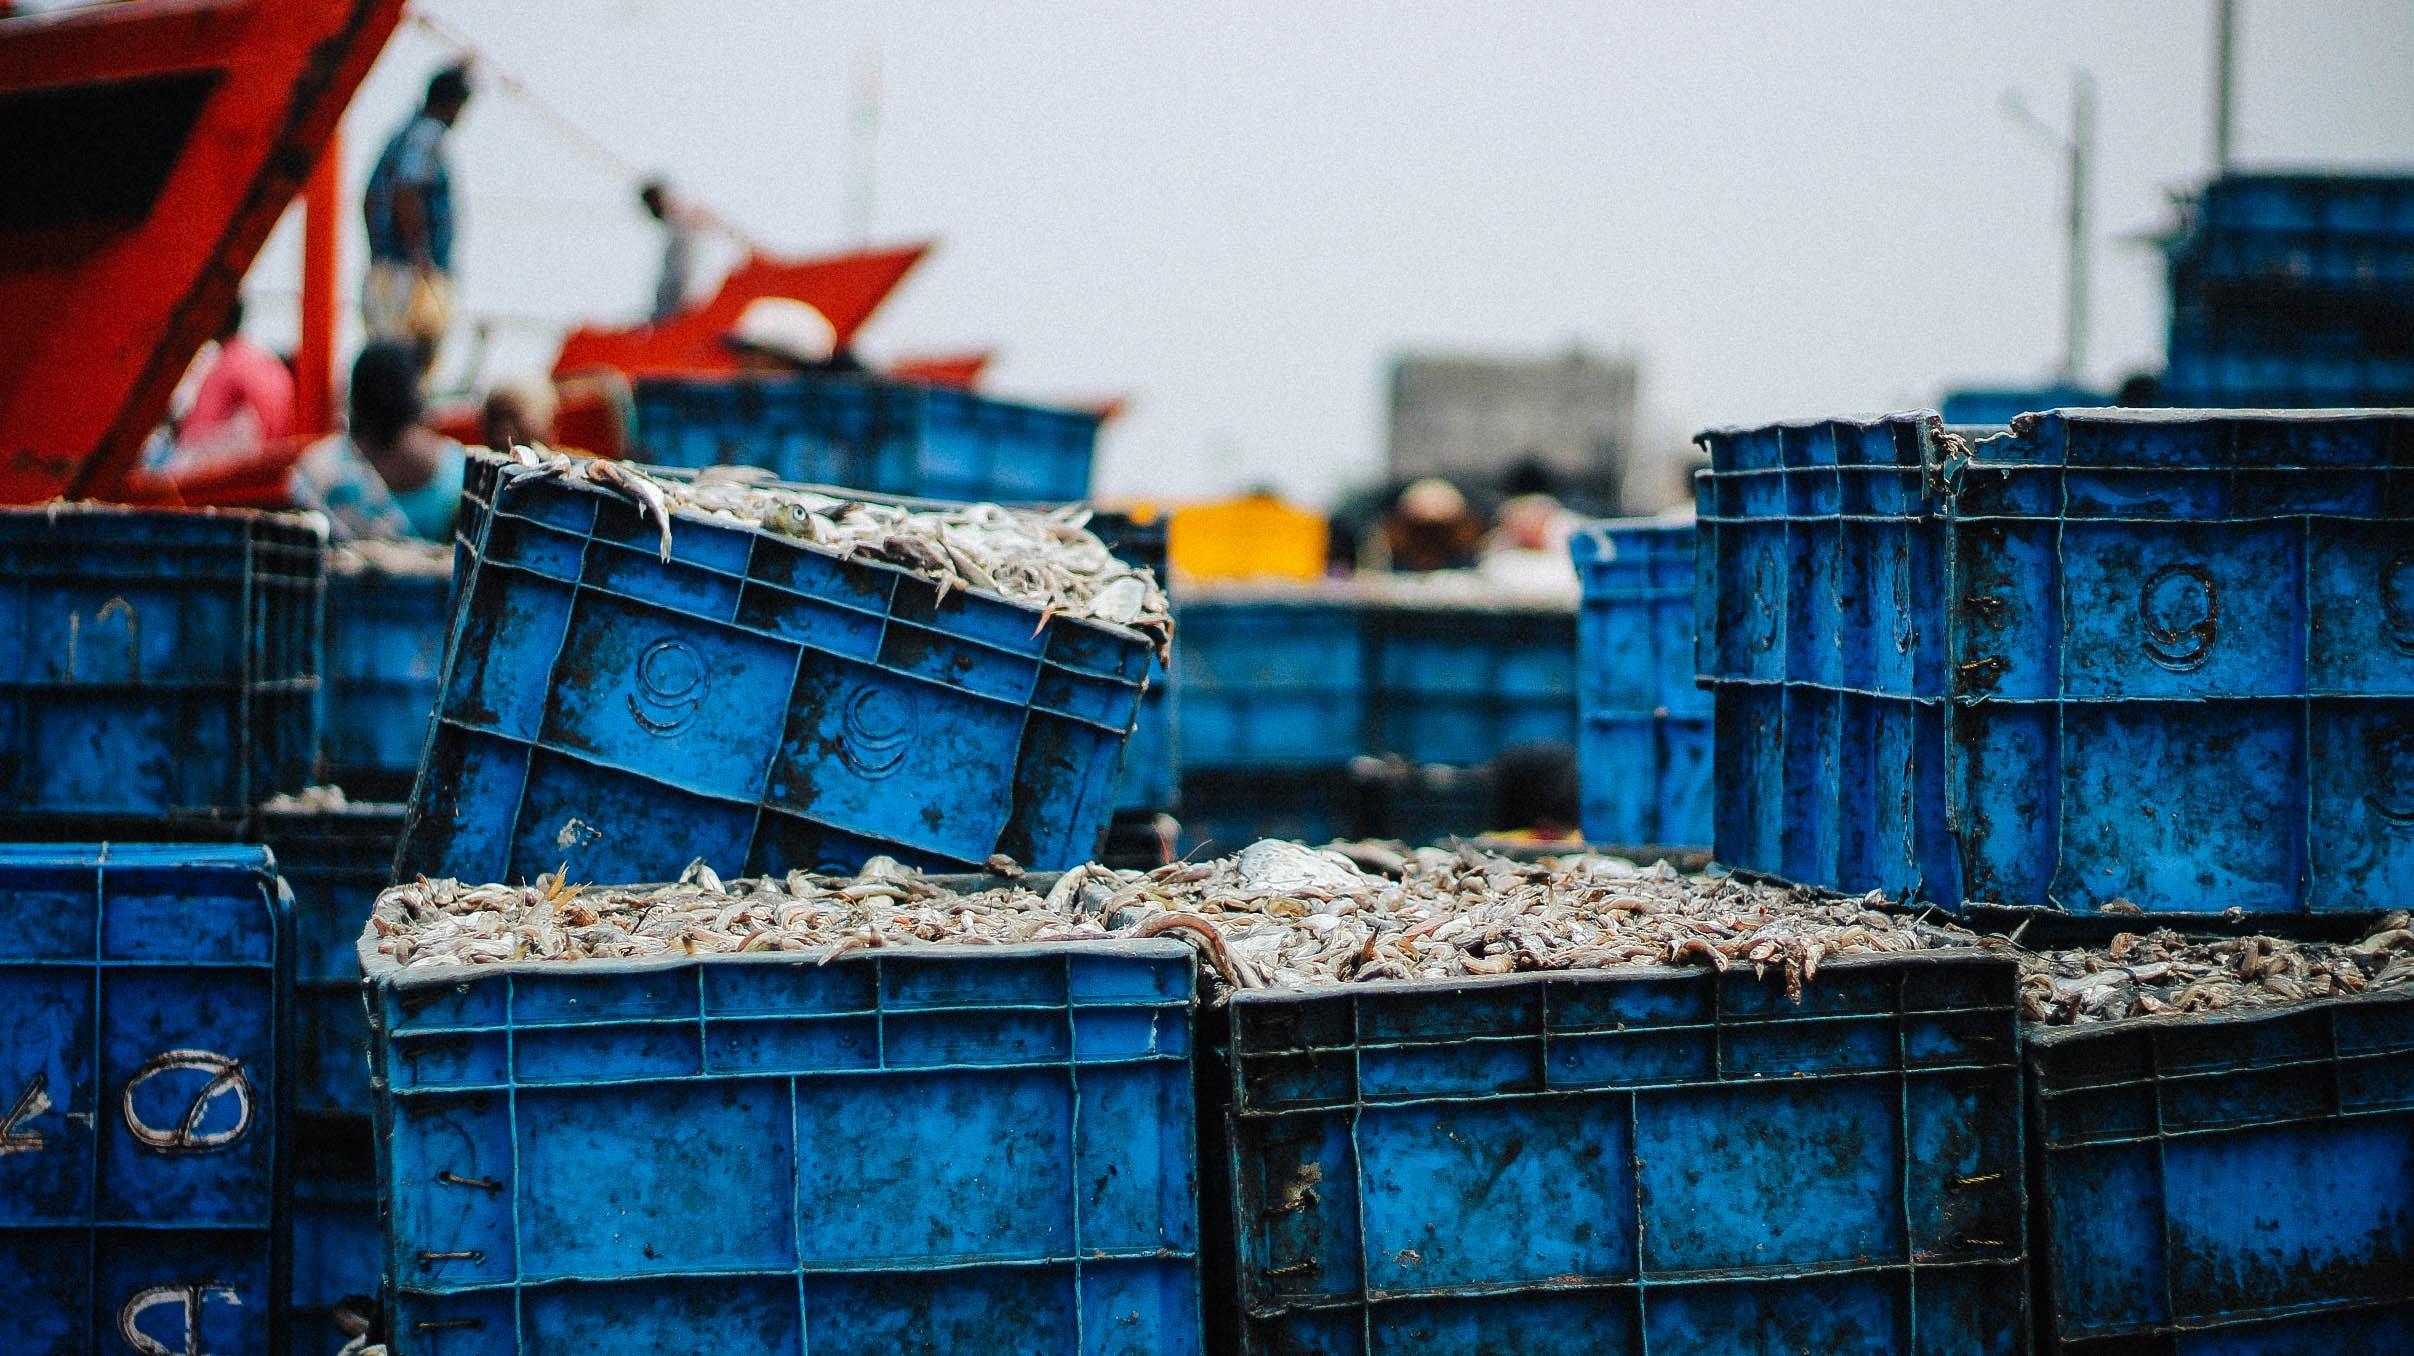 several blue plastic crates stack together